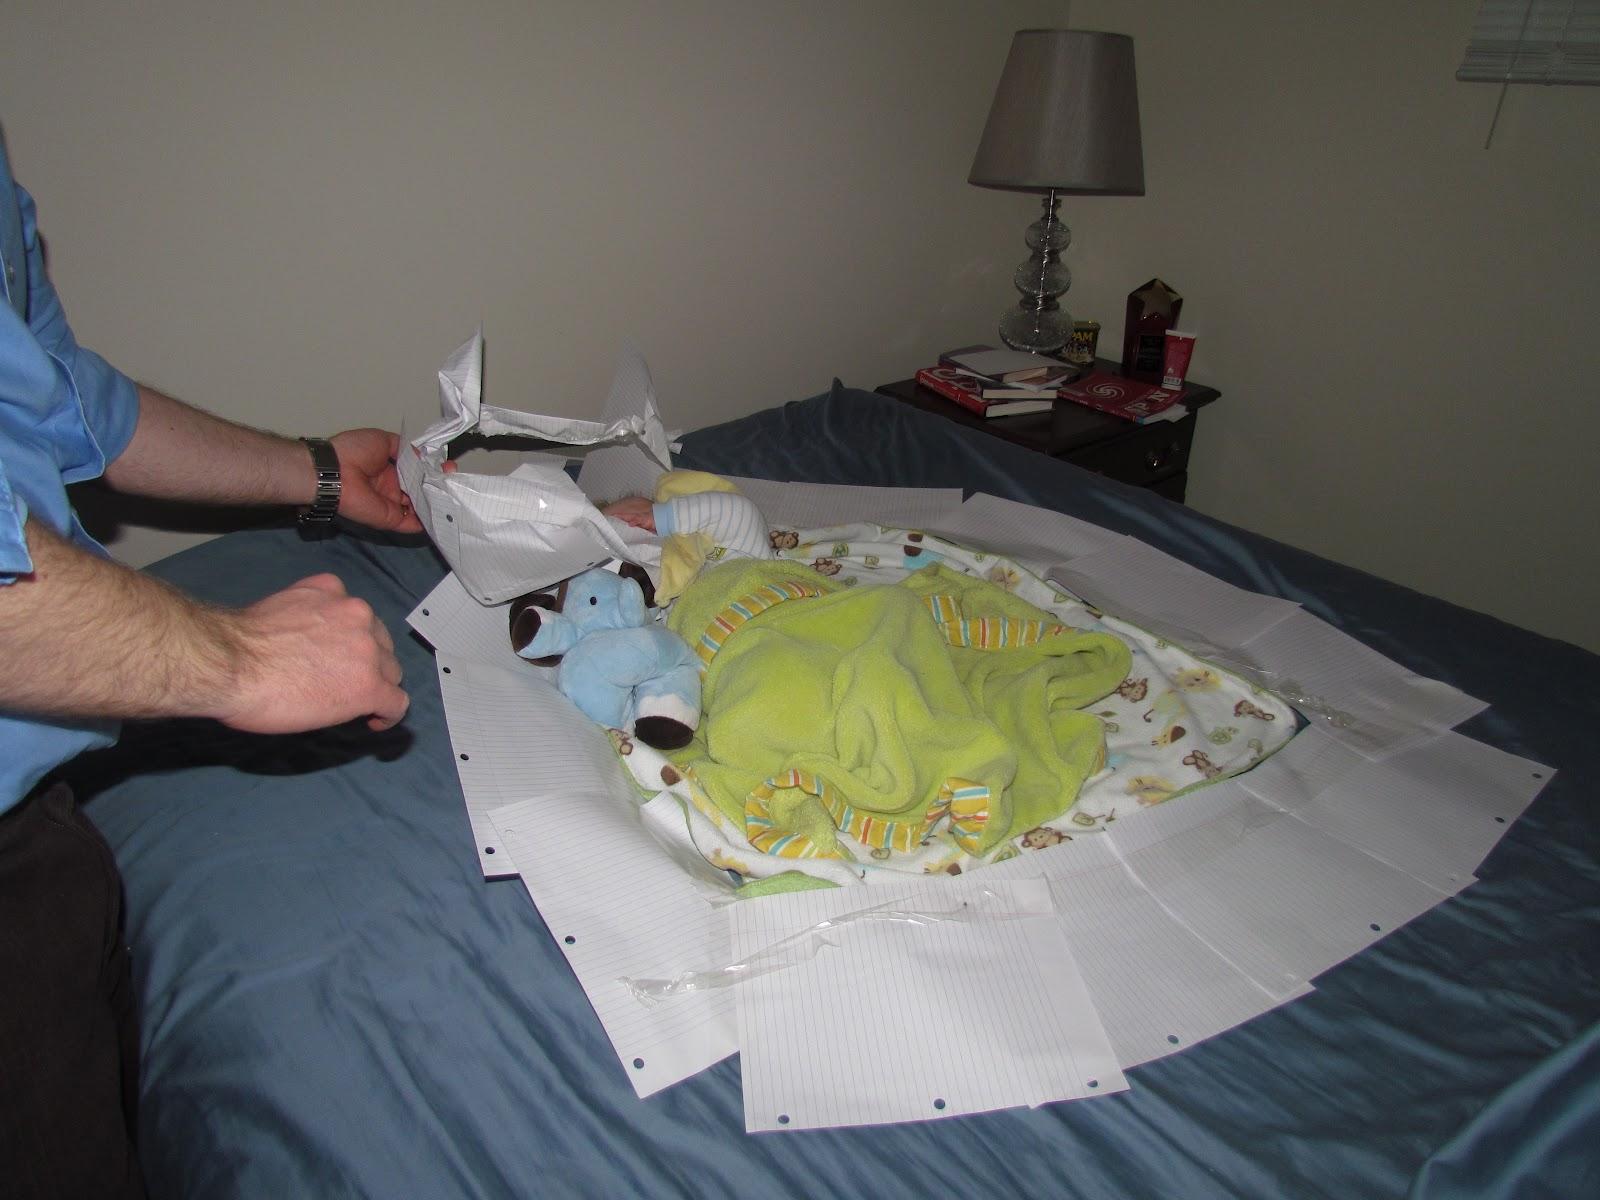 Double Sided Carpet Tape Bed Bugs Carpet Vidalondon